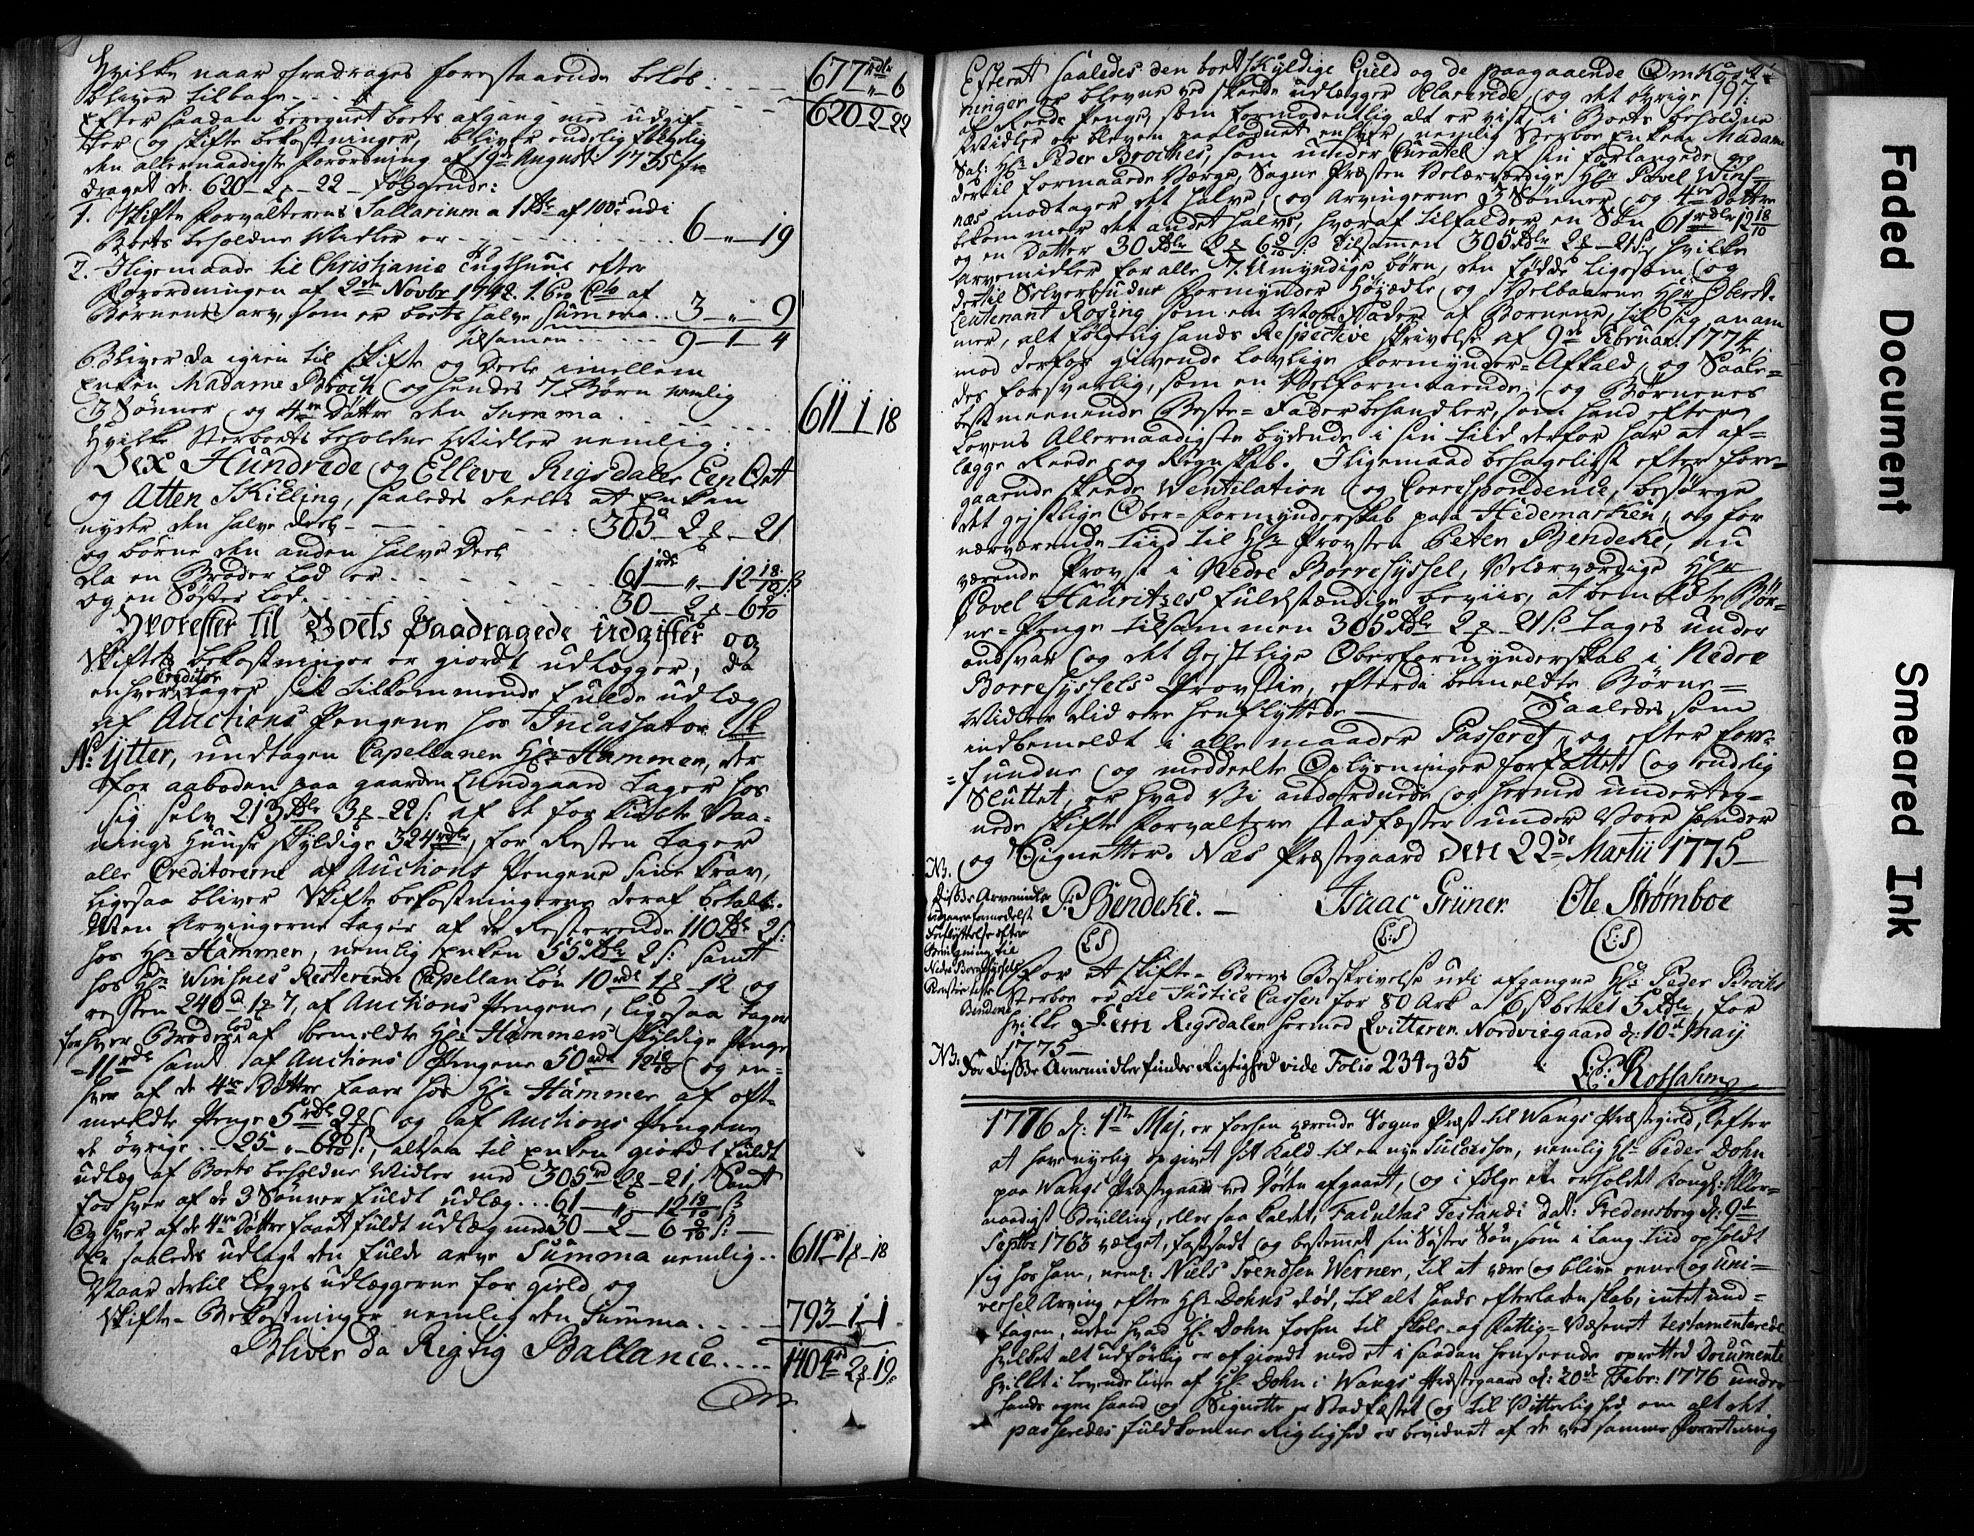 SAH, Hedmark prosti, 1749-1809, p. 196b-197a